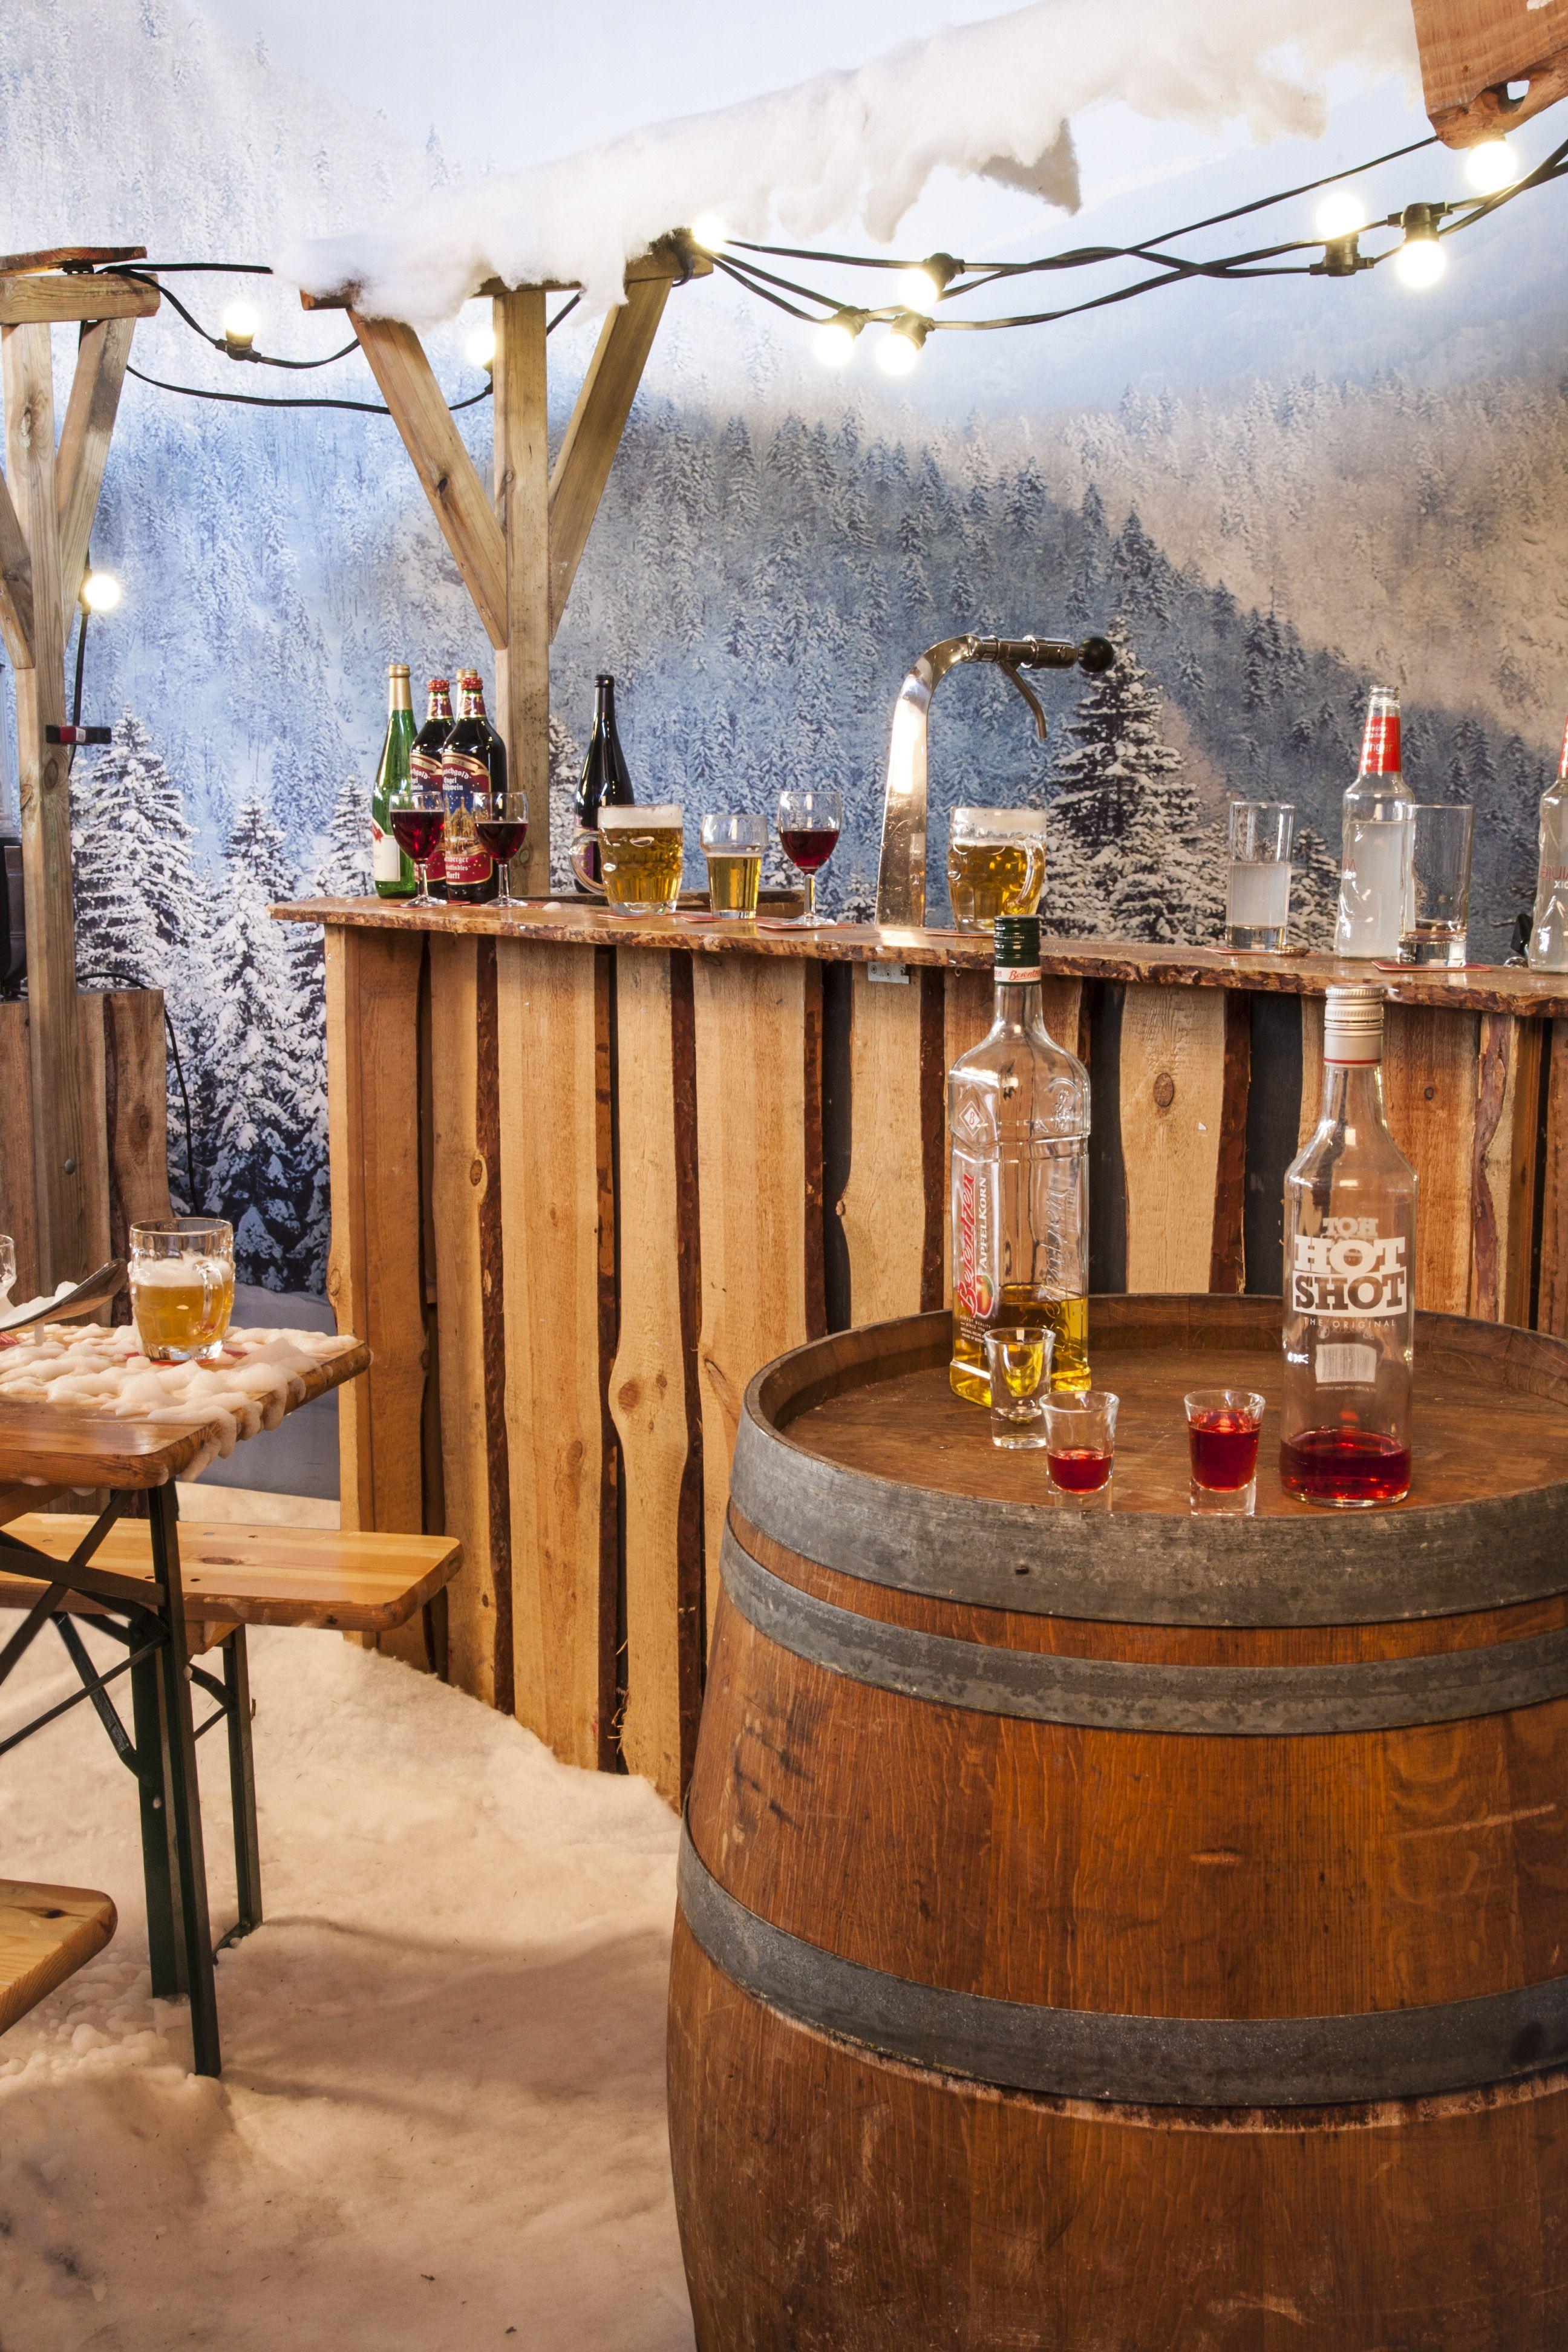 gezellige apr s ski party in de sneeuw deze decoratie huurt u bij ome piet verhuur. Black Bedroom Furniture Sets. Home Design Ideas